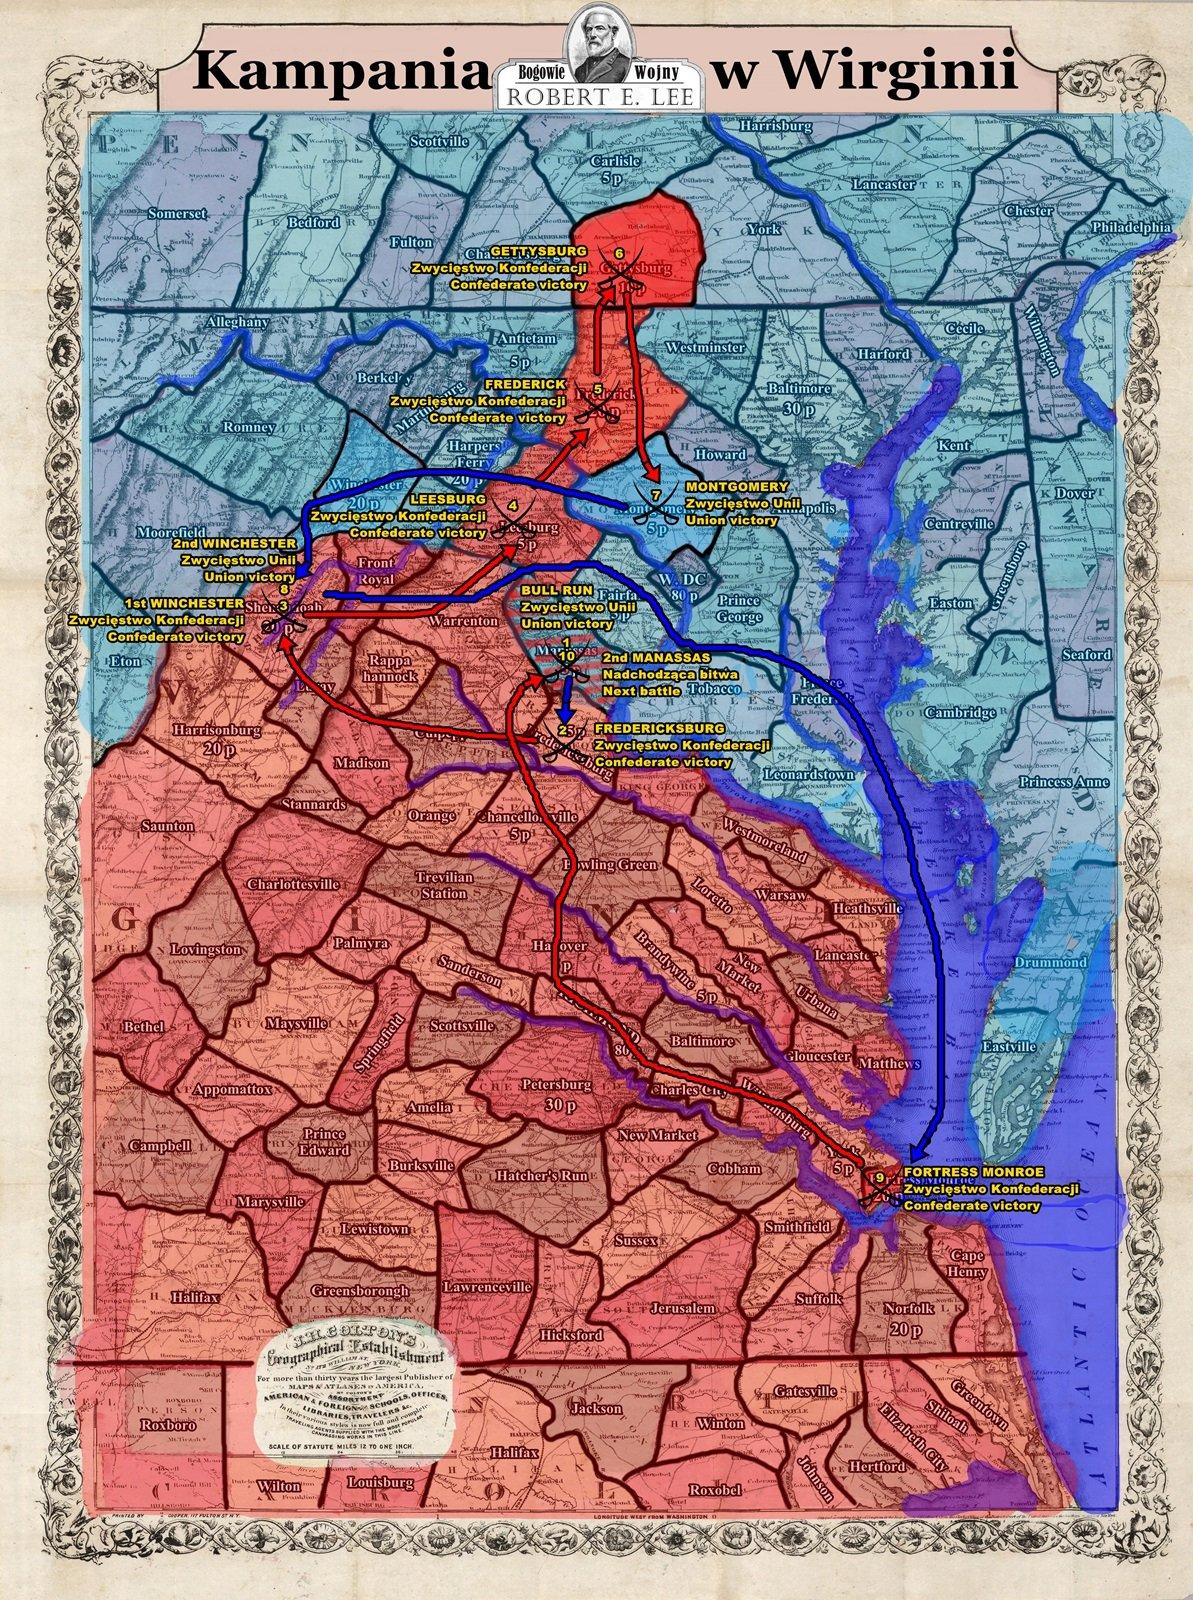 Kampania Wirginia po 9 bitwie sm